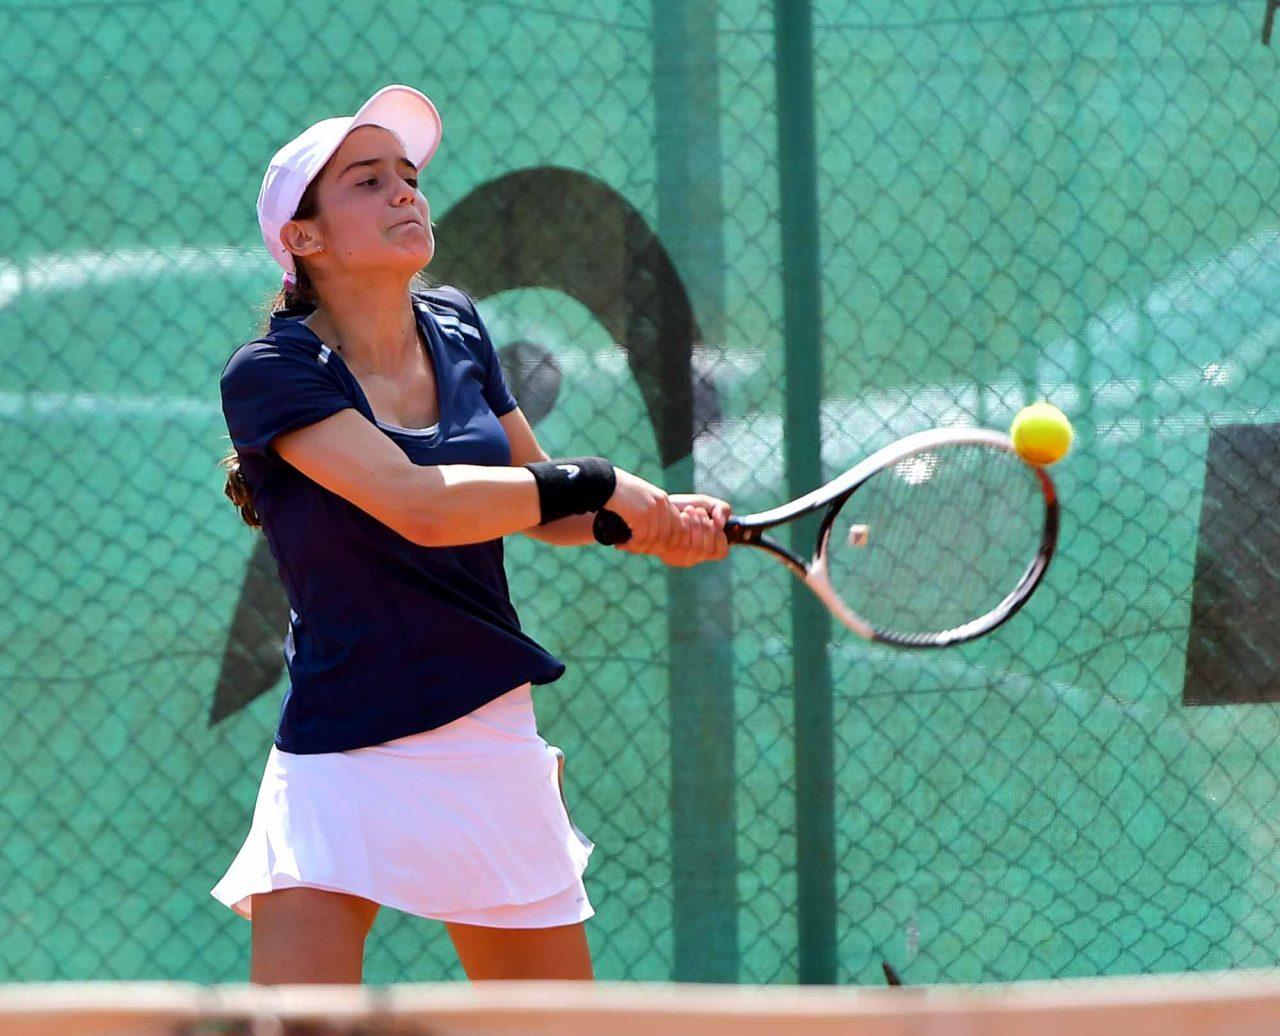 Държавно първенство тенис до 14 год. ТК 15-40 момичета (35)